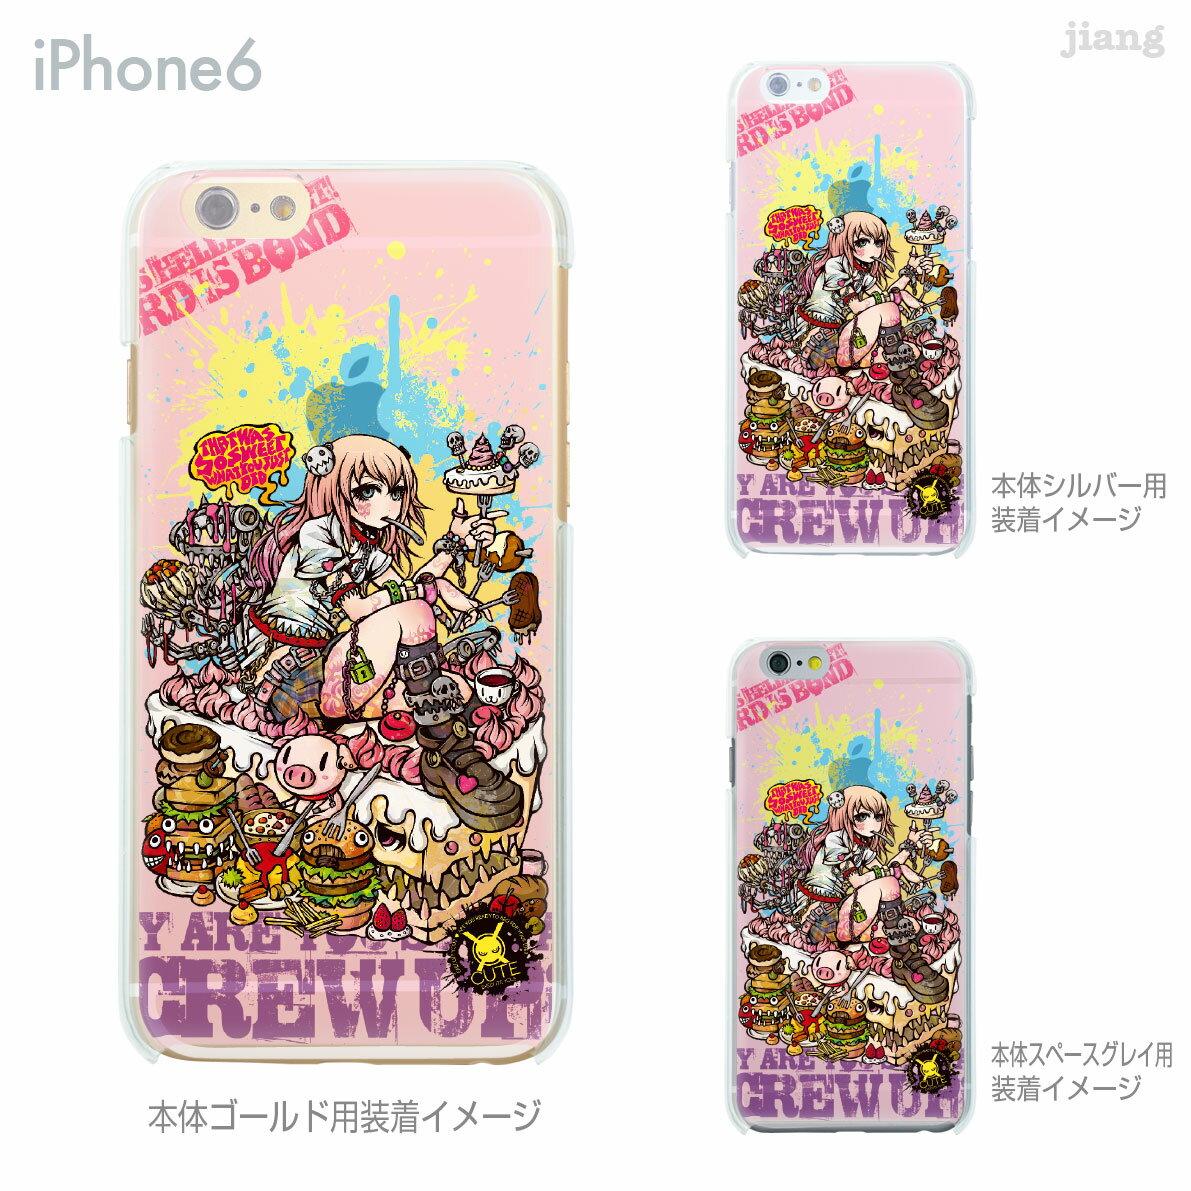 iPhoneX iPhone X ケース iPhone8 iPhone7ケース iPhone7 Plus iPhone6s iPhone6 Plus iphone ハードケース Clear Arts ケース カバー スマホケース クリアケース Project.C.K. 暴食 11-ip6-ca0022-s